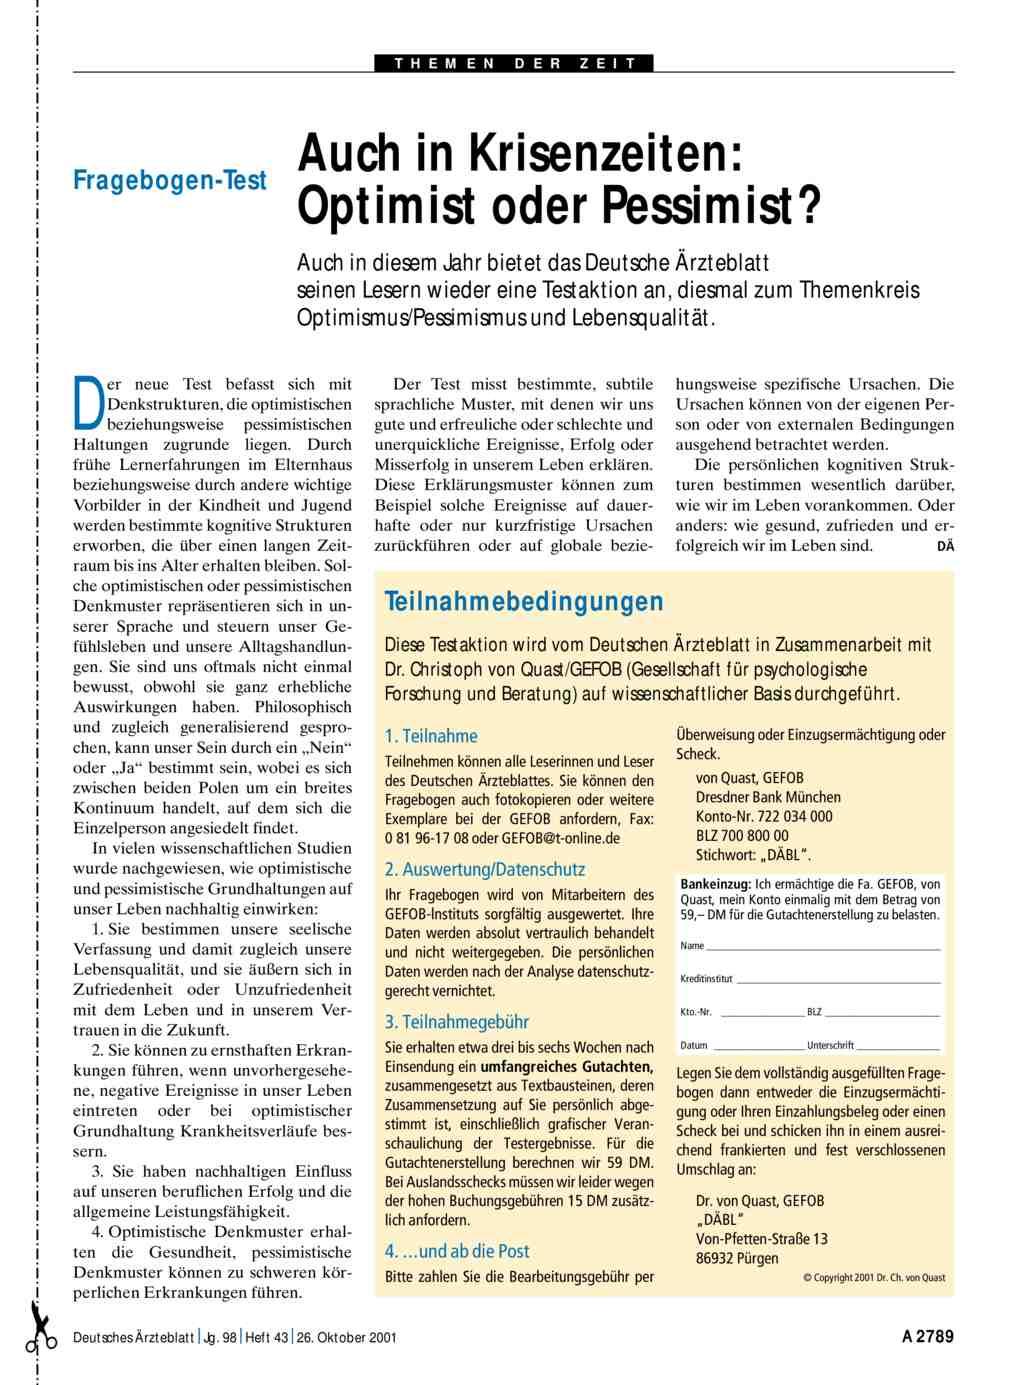 Was ist optimistisch und pessimistisch